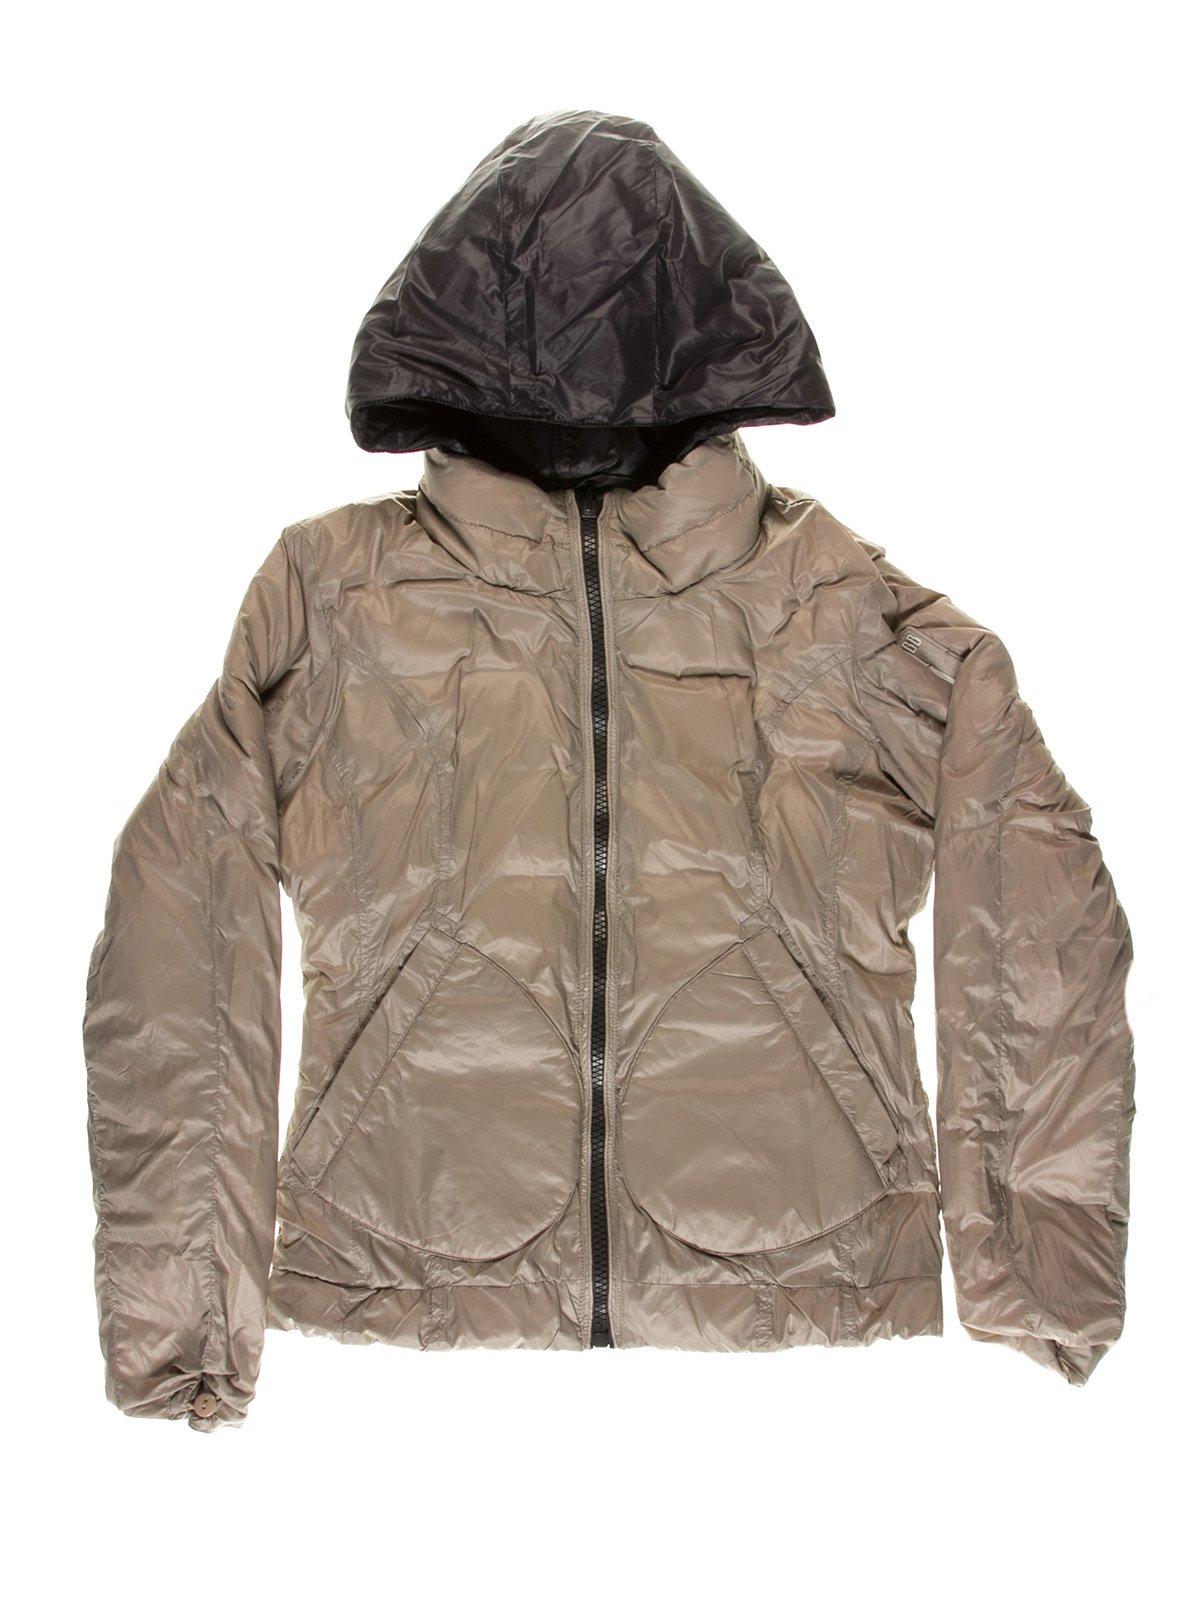 Куртка темно-серая   3096954   фото 2